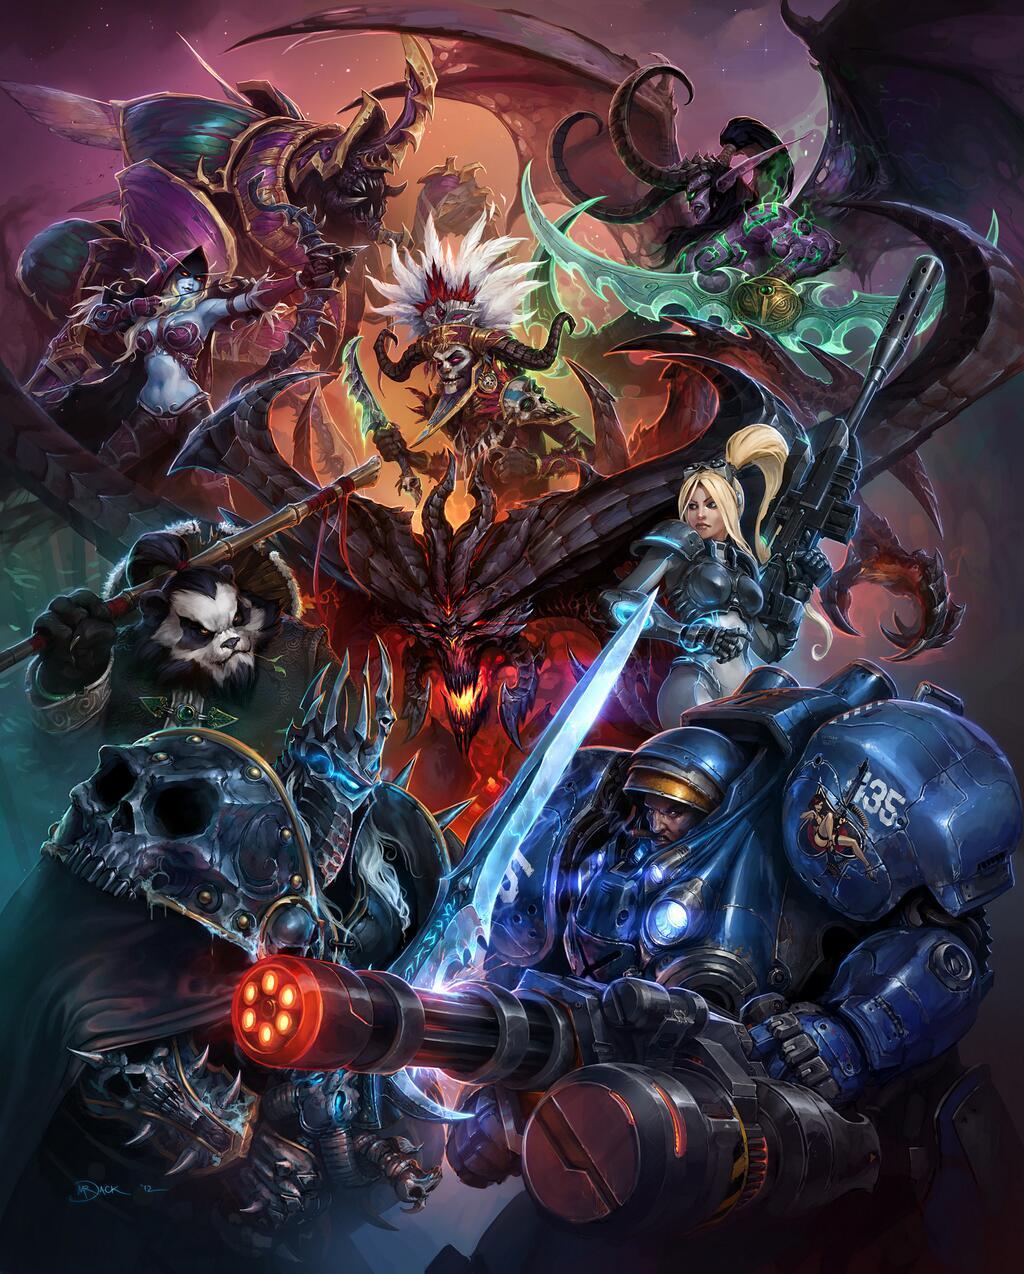 Студия Blizzard опубликовала первый арт своей новой MOBA-игры  Heroes of the Storm, на котором изображены главные ге ... - Изображение 1